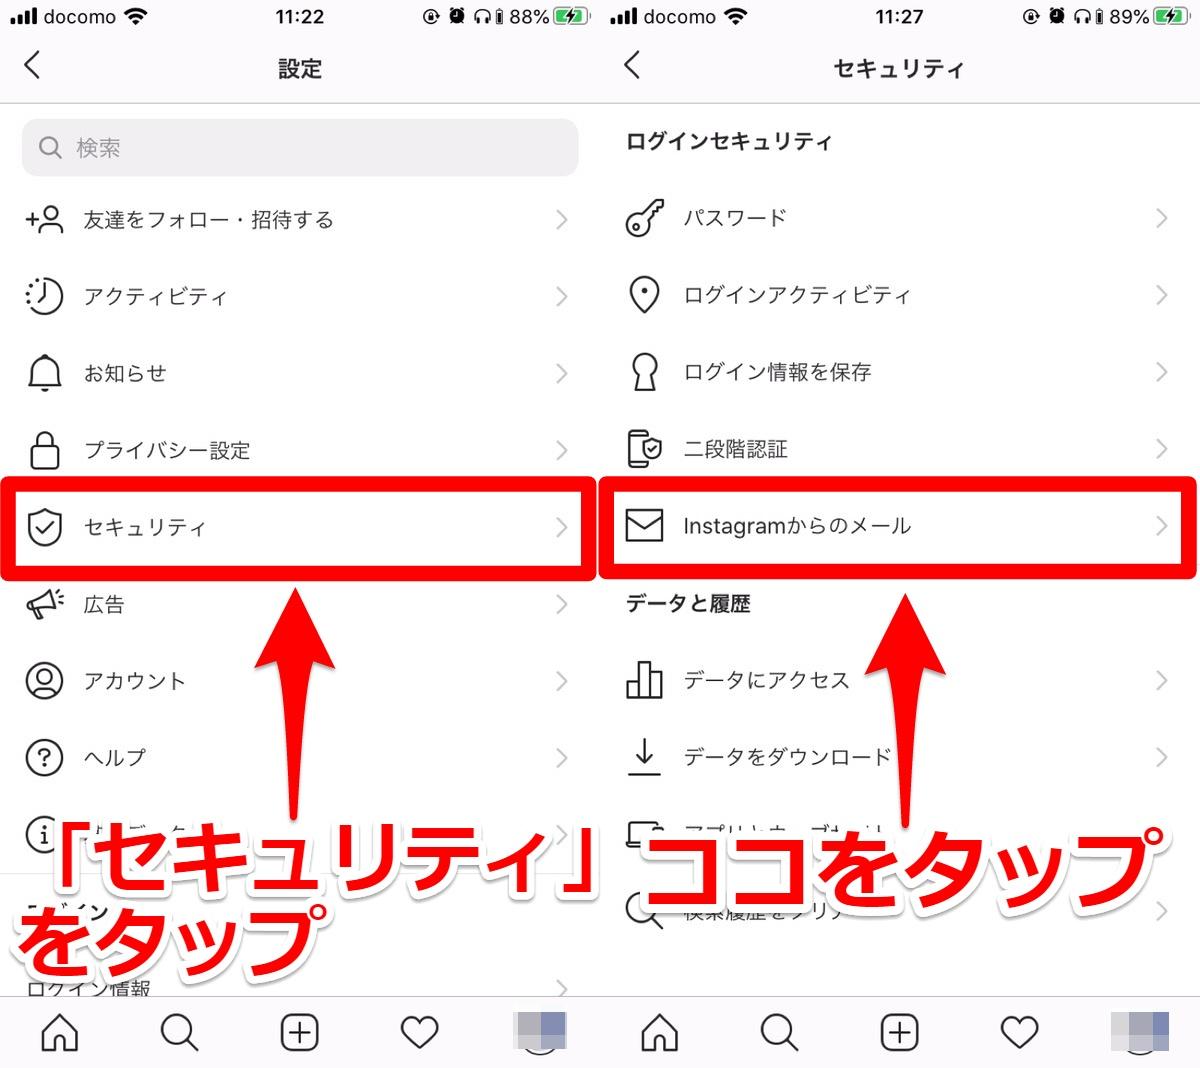 【インスタ】Instagramで「アカウントが不正使用されました」と表示されたら?原因と対処方法を解説!